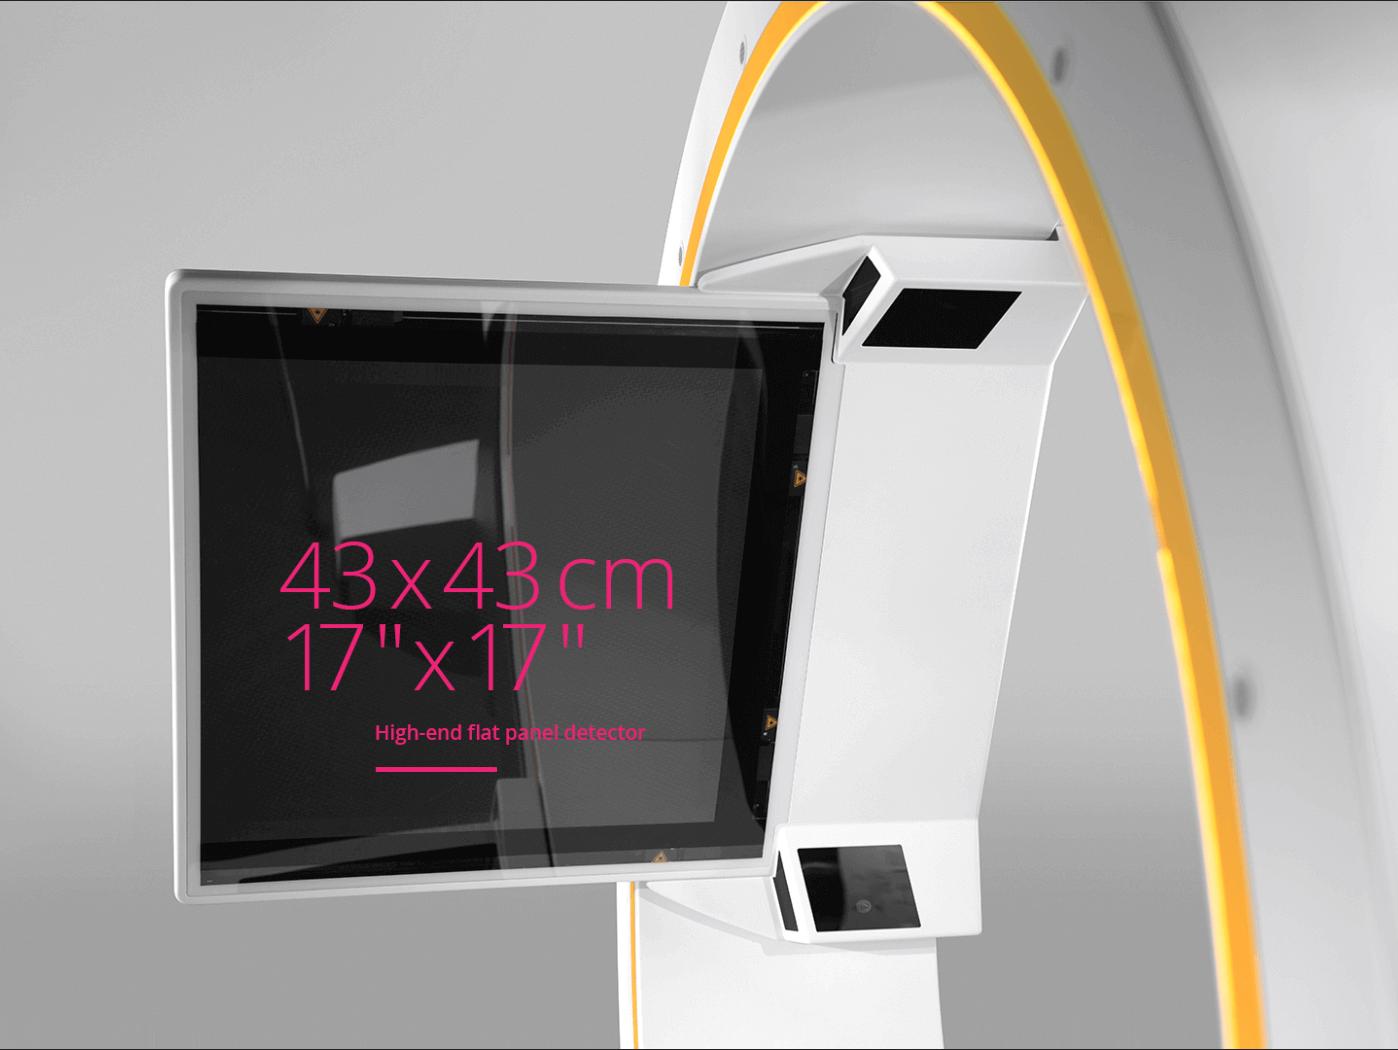 Brainlab Loop-X Large Panel Field of View: 43x43cm